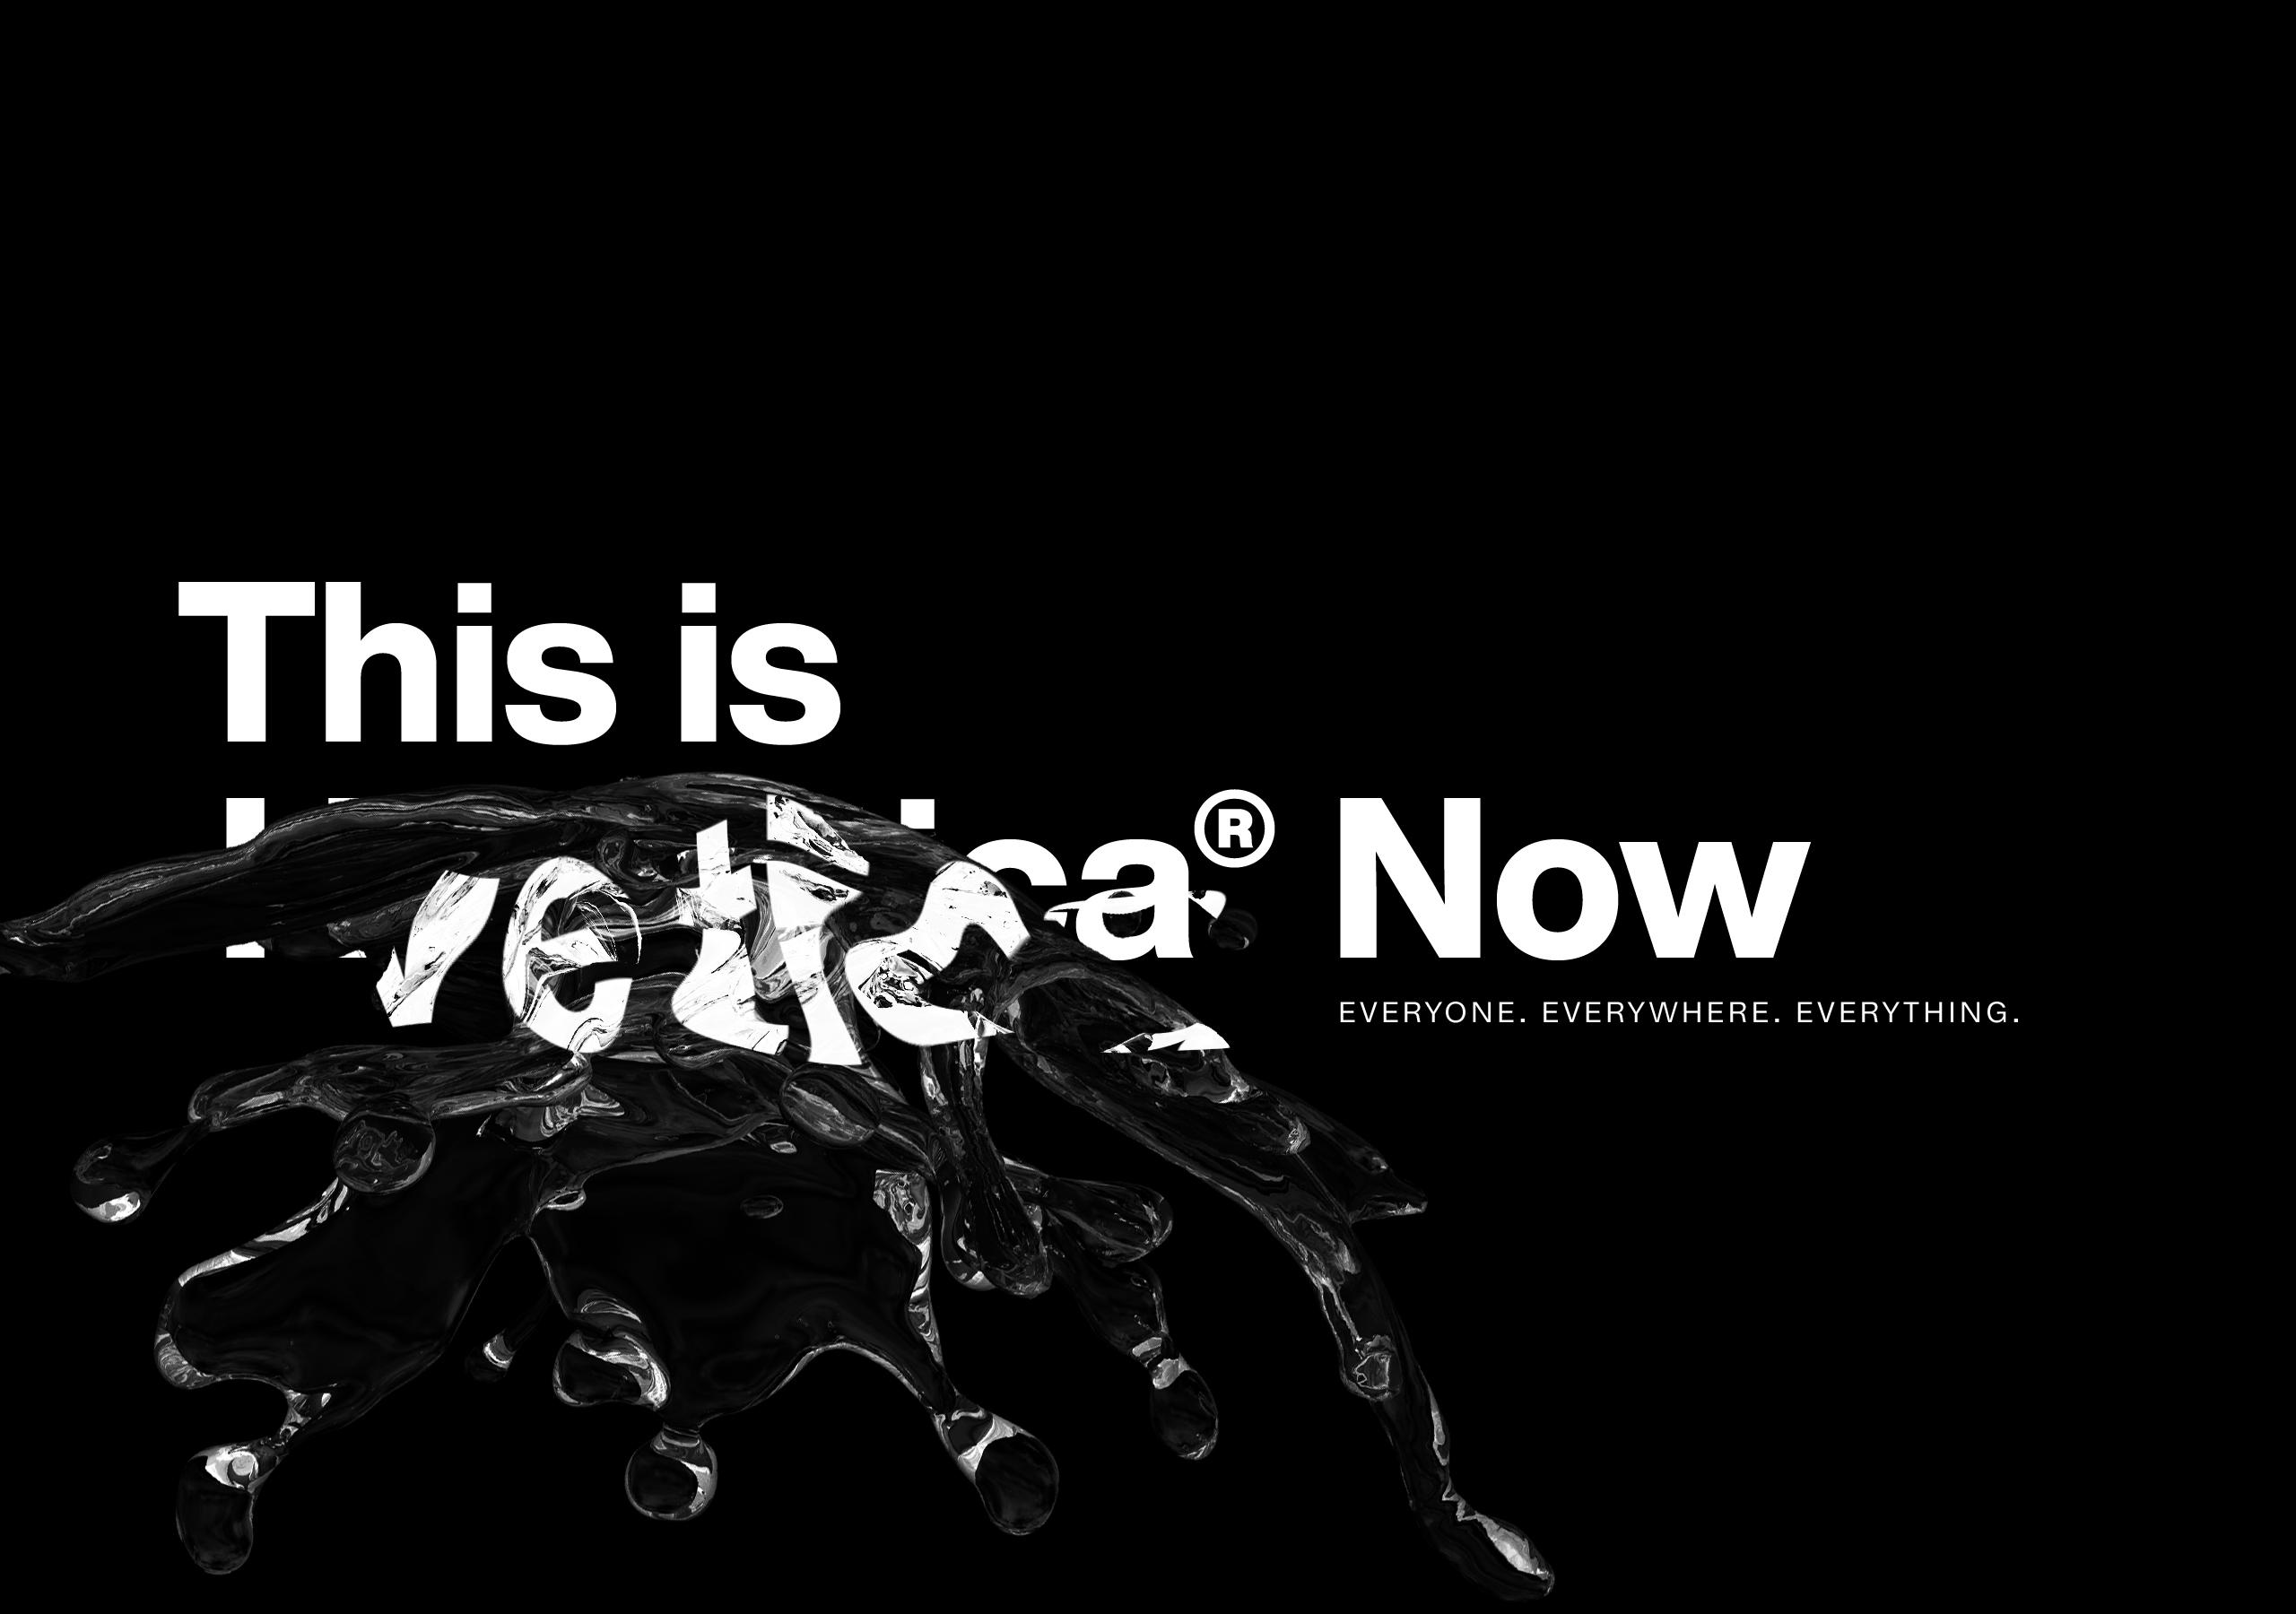 Neue Helvetica erschienen: Helvetica Now!